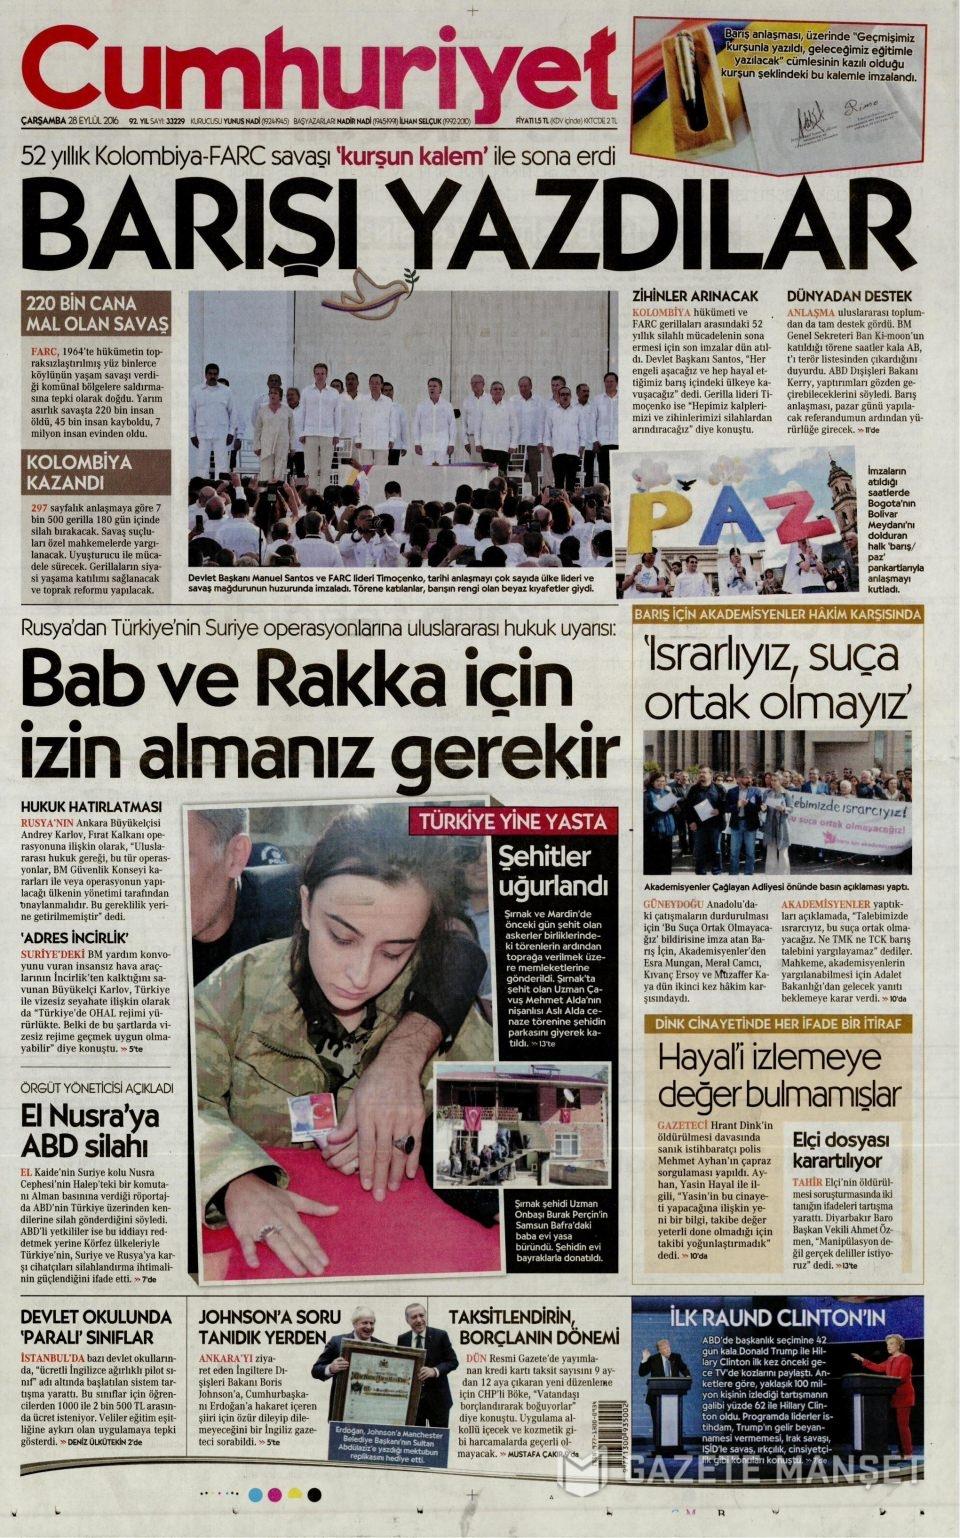 28 Eylül Çarşamba gazete manşetleri 19